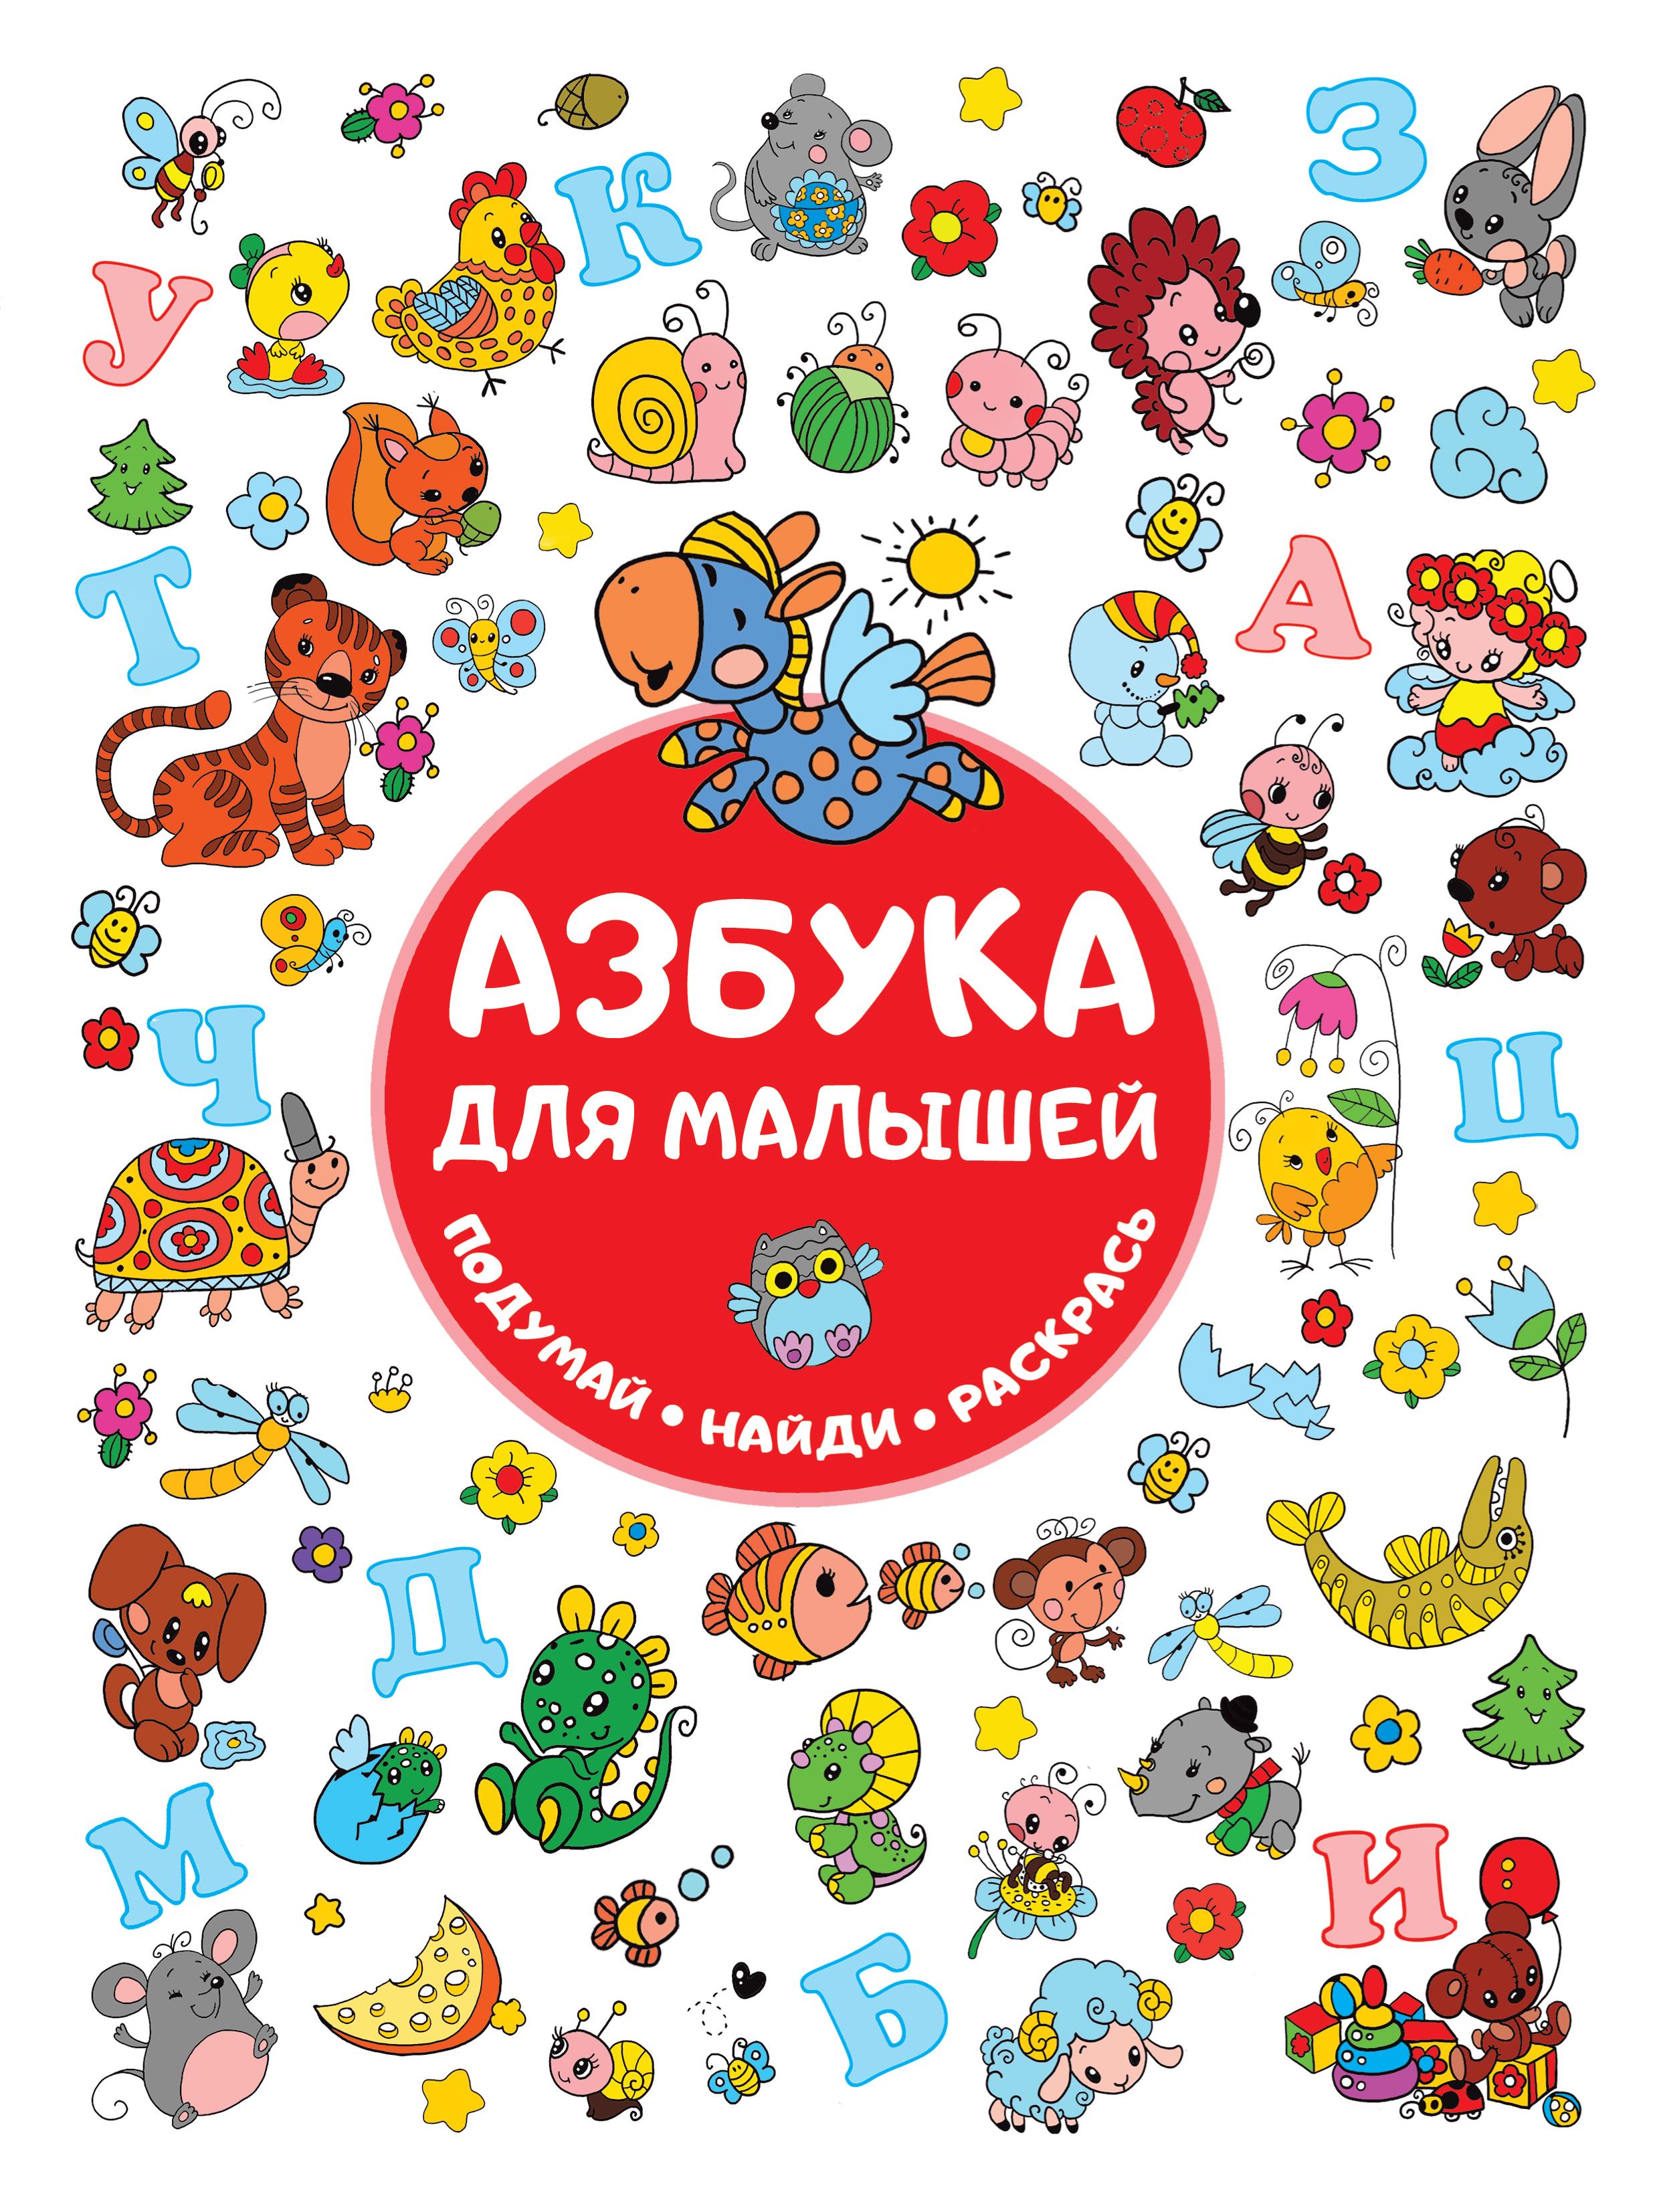 Горбунова И.В., Глотова М.Д. Азбука для малышей